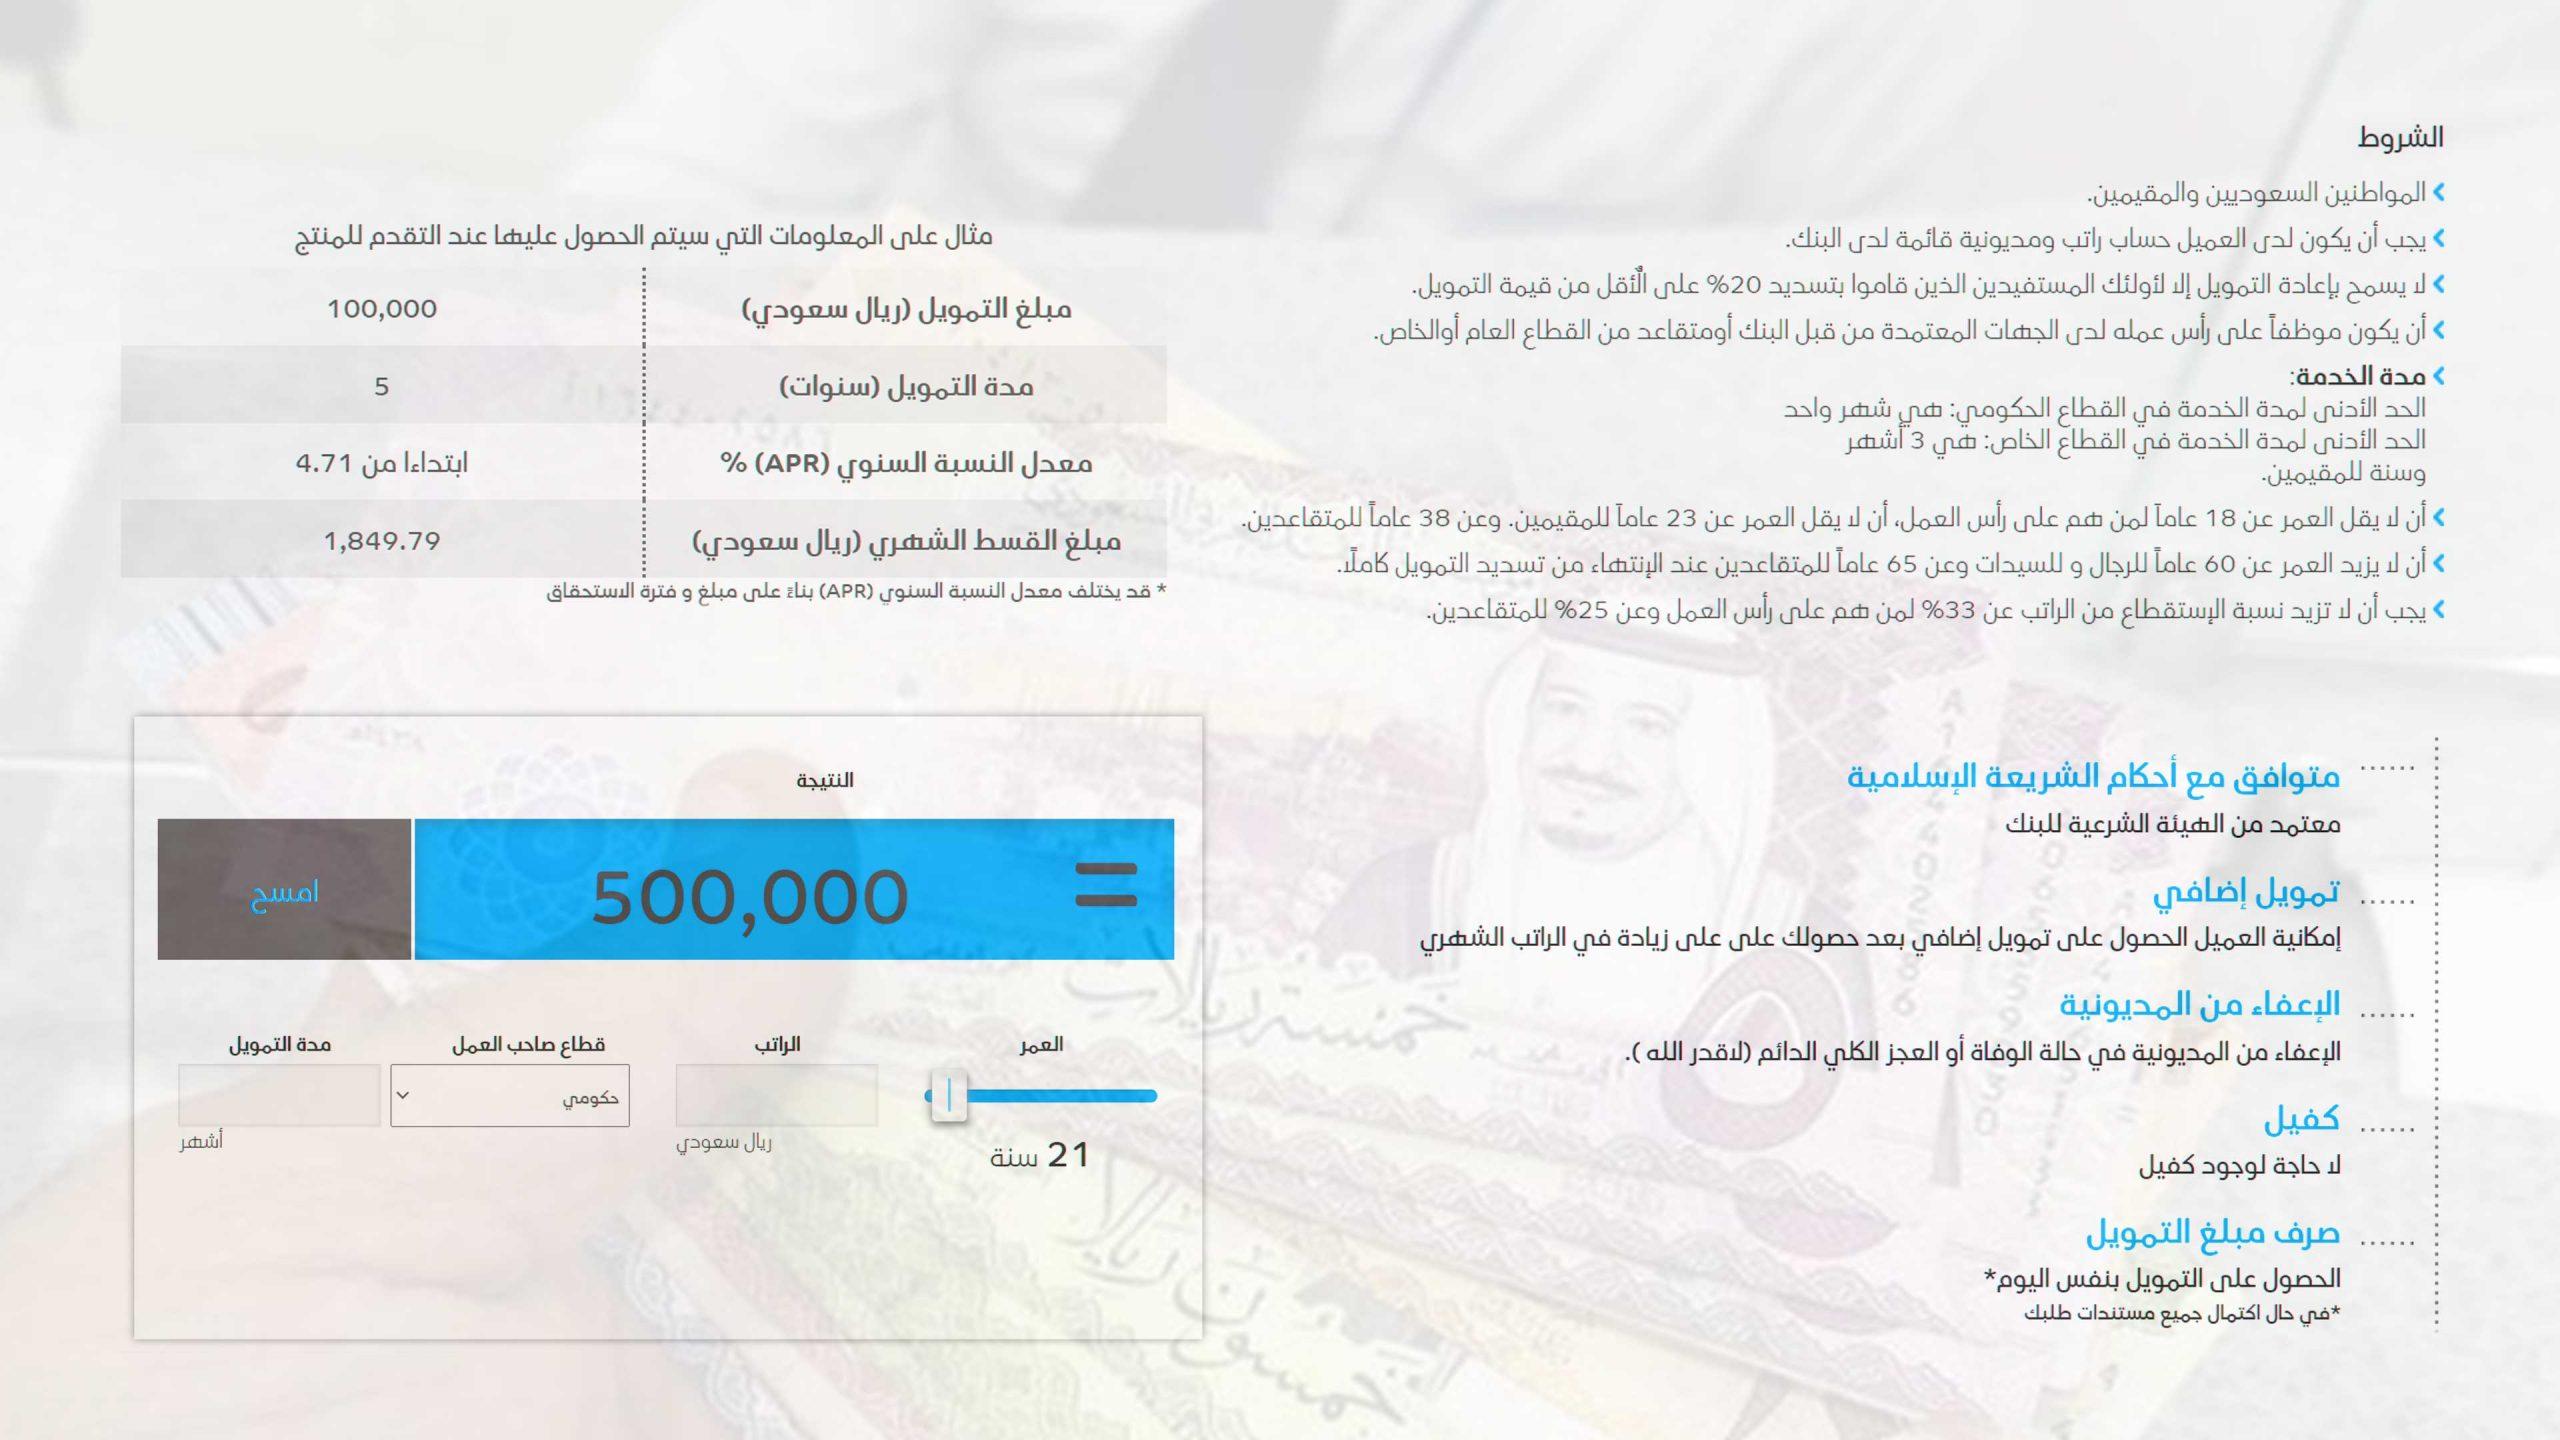 قرض بدون كفيل للمقيمين ، للمتقاعدين ، للسعوديين وغير السعوديين